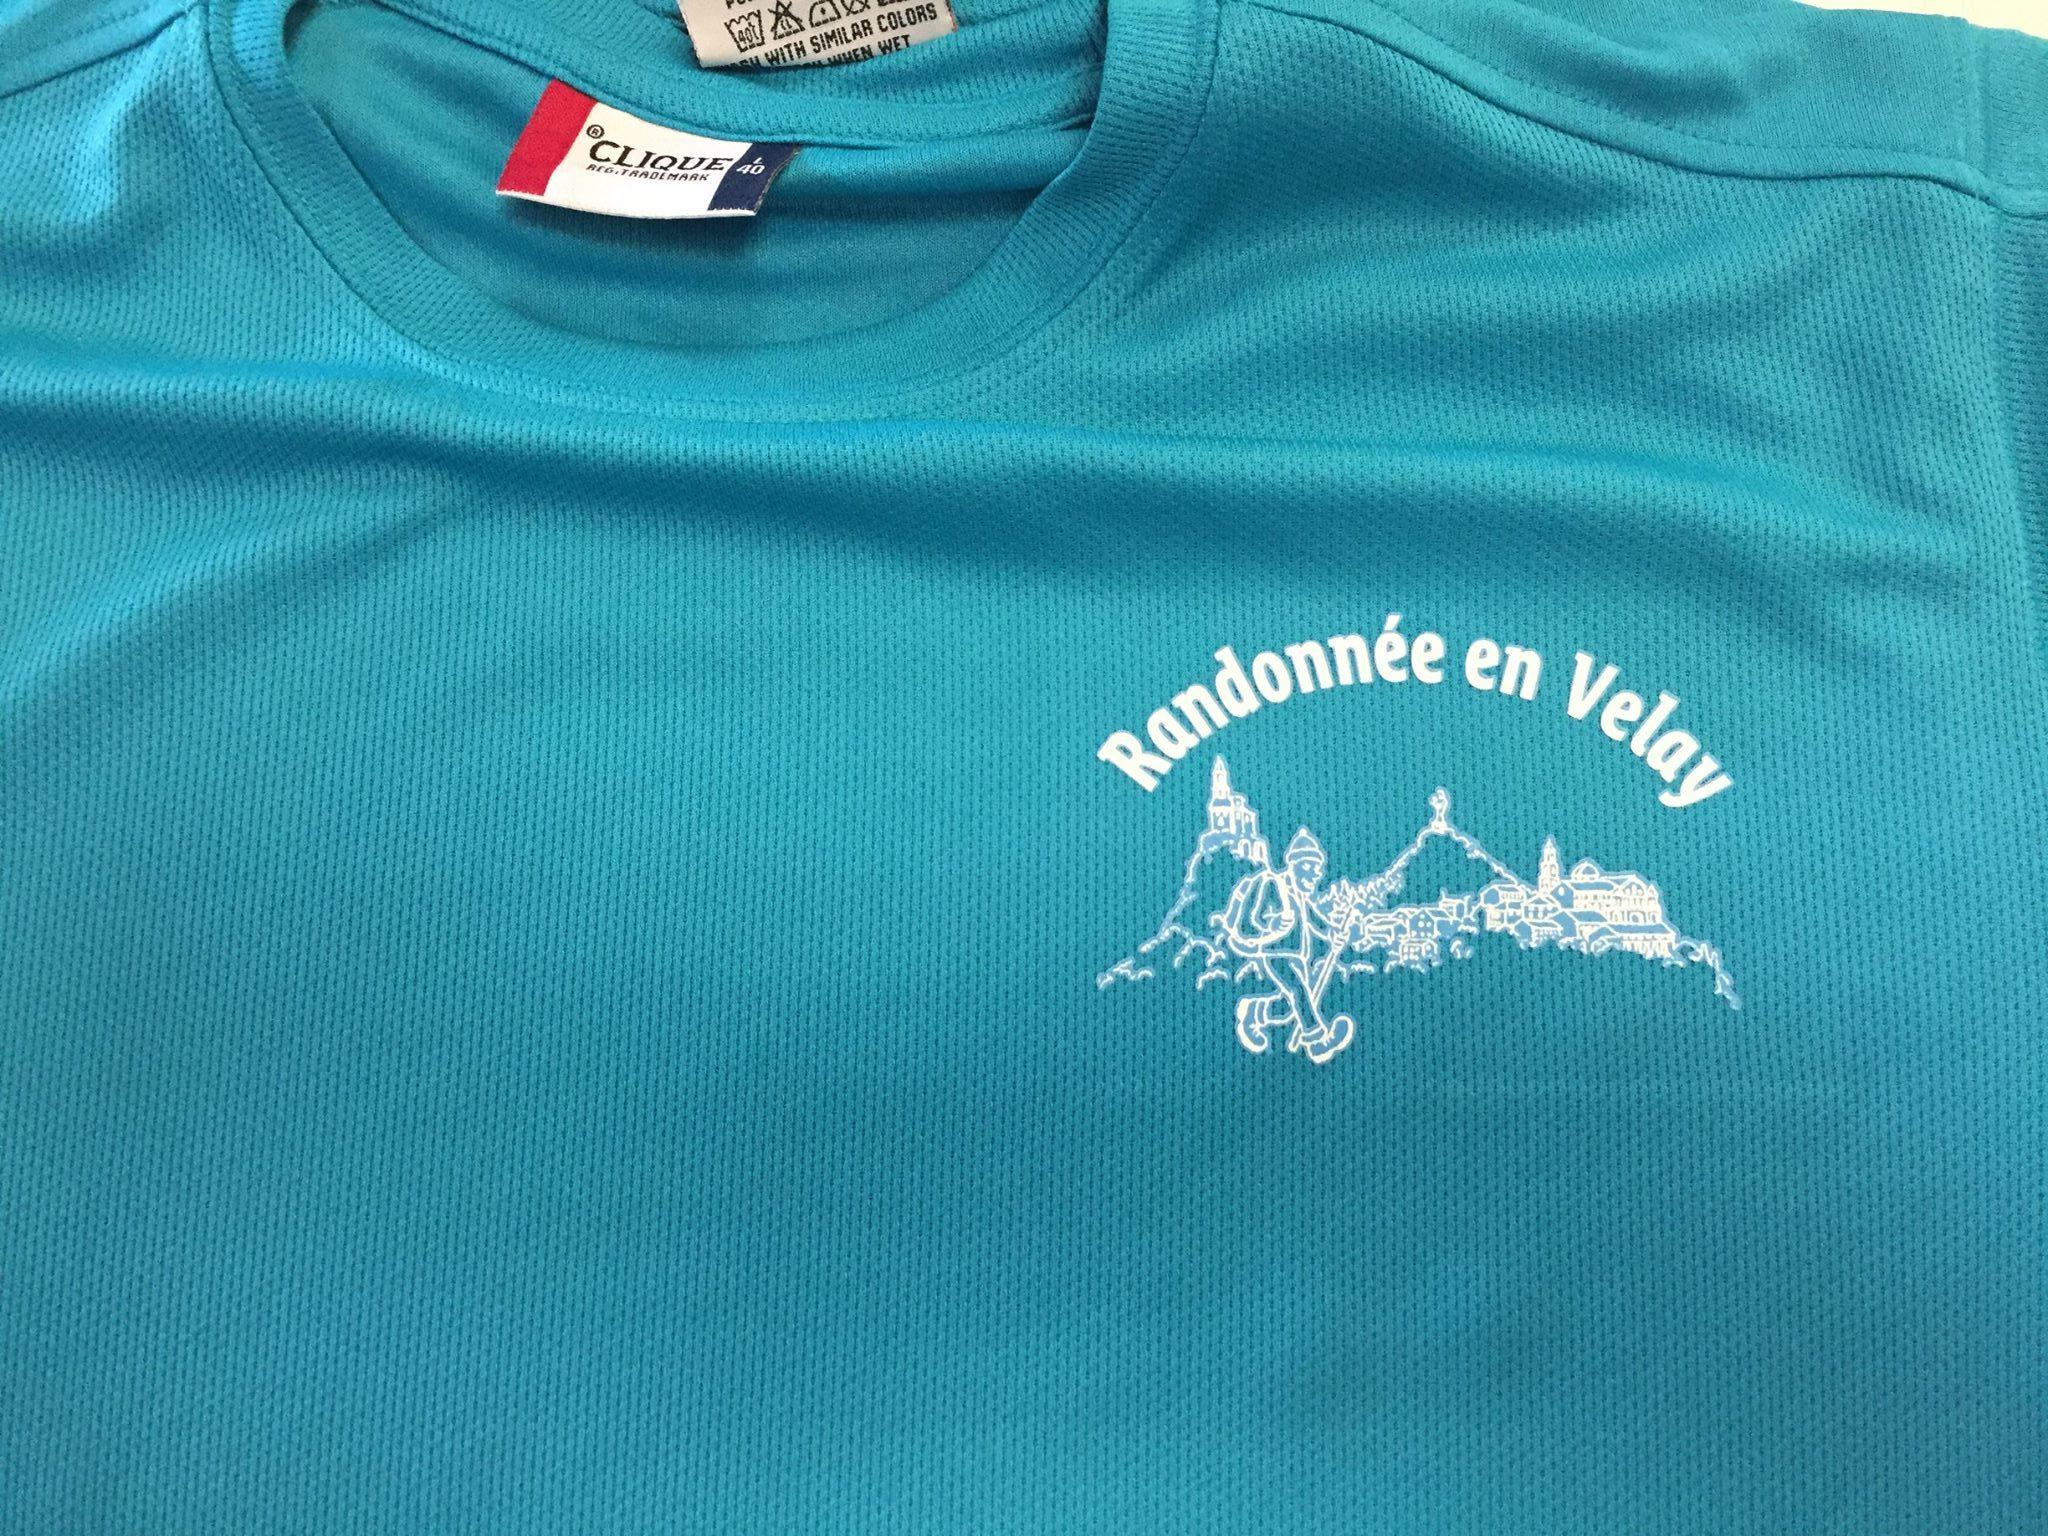 T-shirt Randonnée en Velay